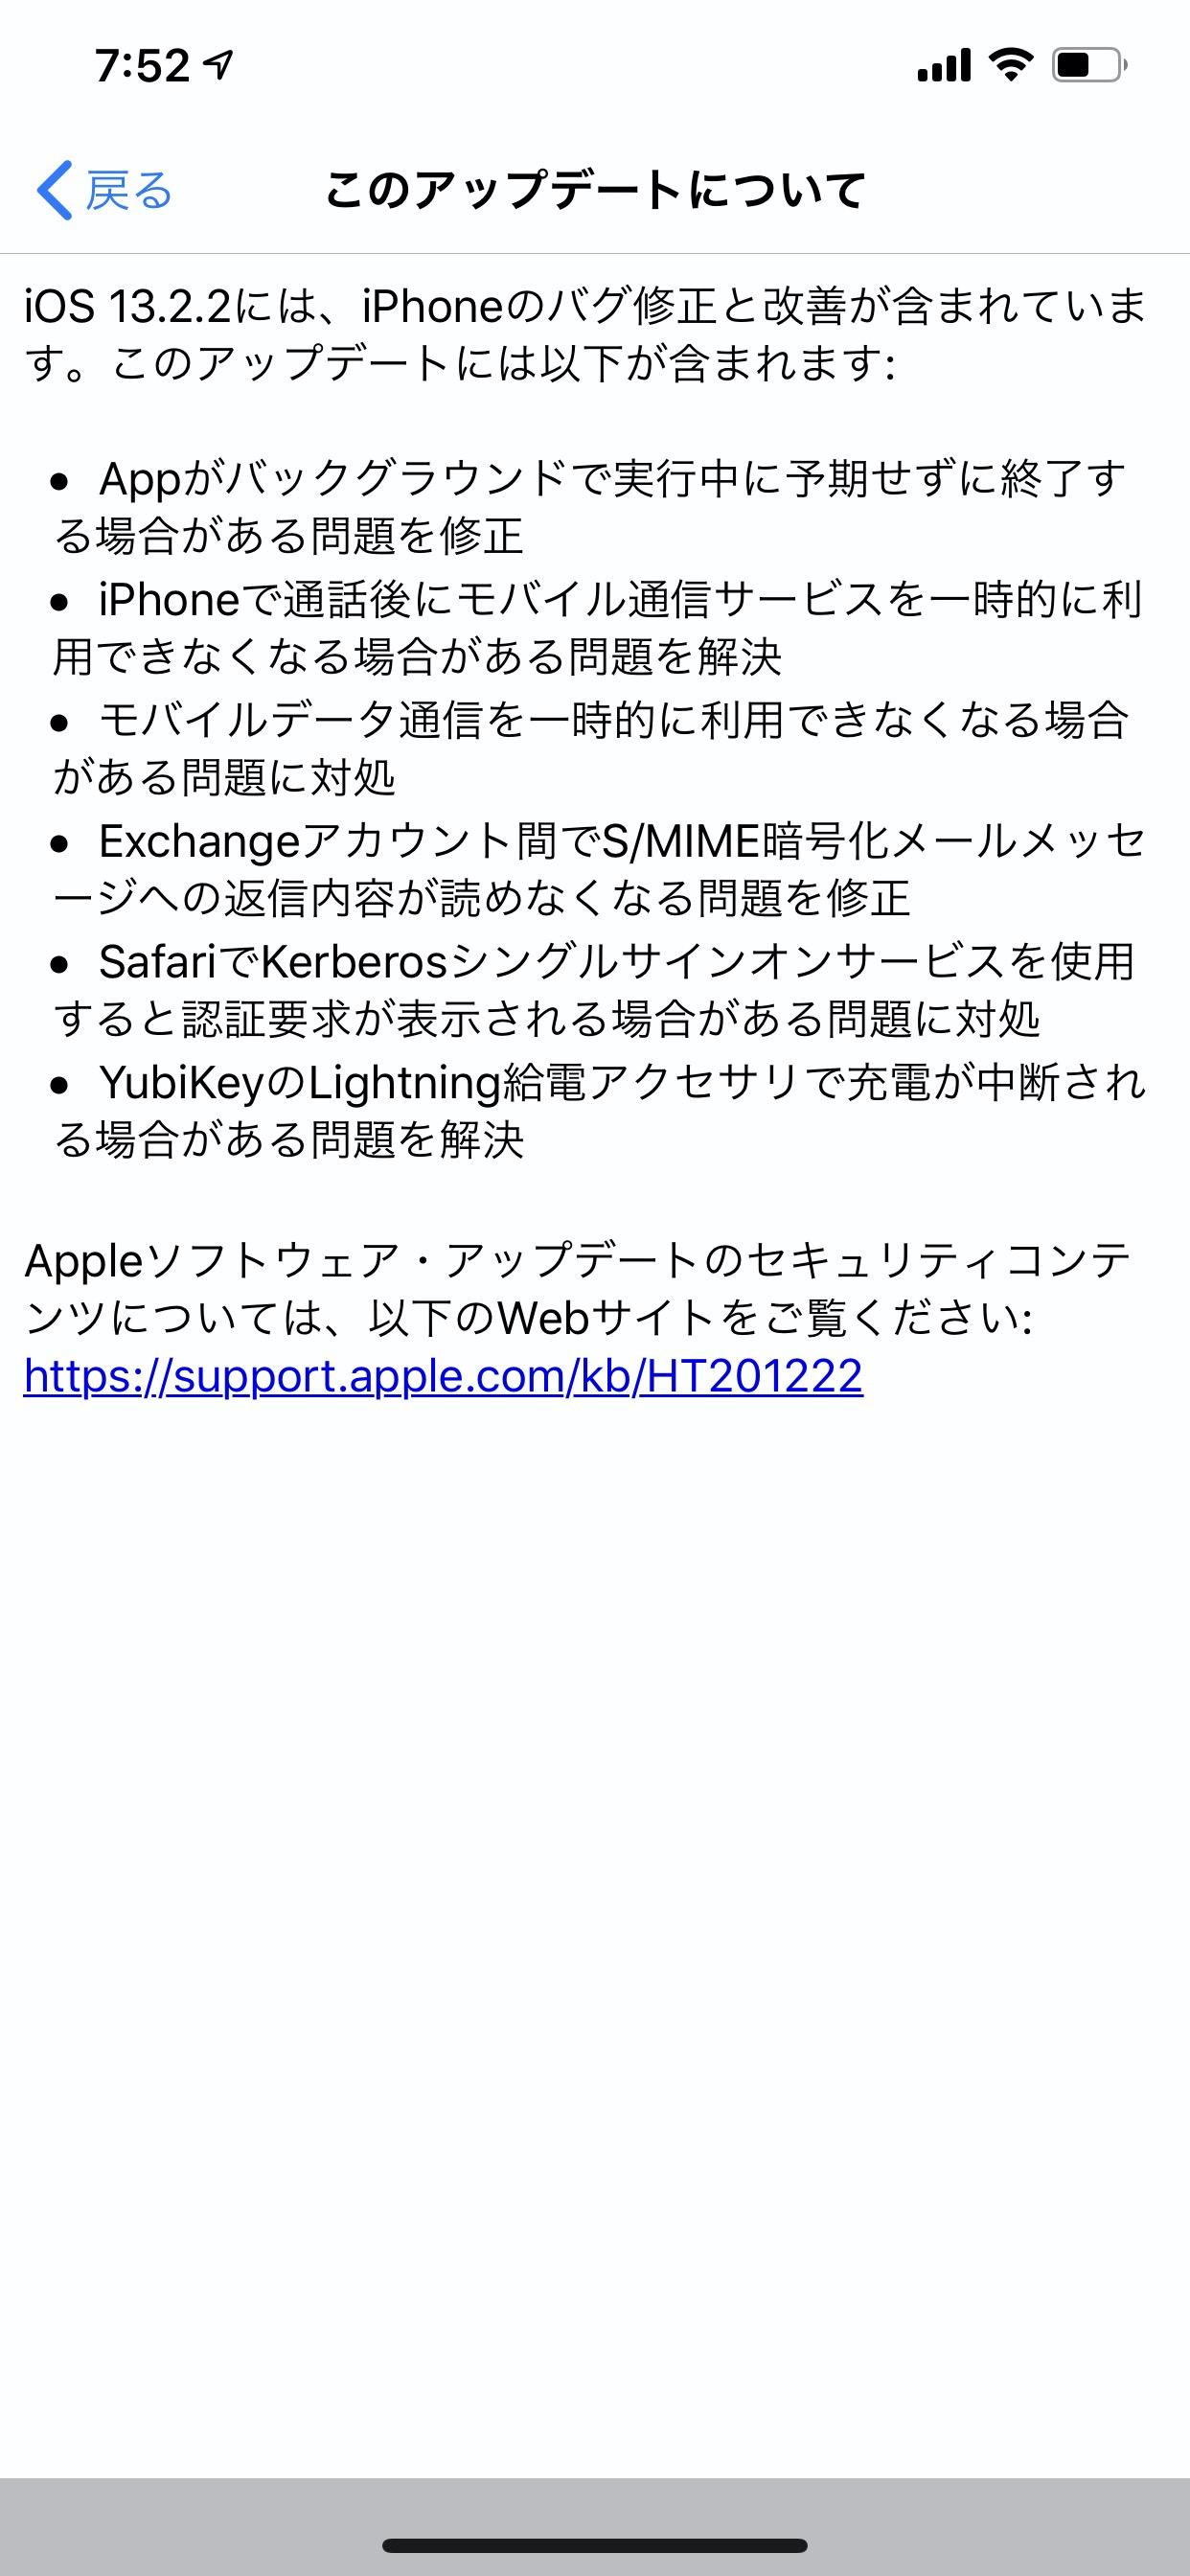 【iOS 13】モバイルデータ通信の不具合を解決する「iOS 13.2.2 ソフトウェアアップデート」リリース